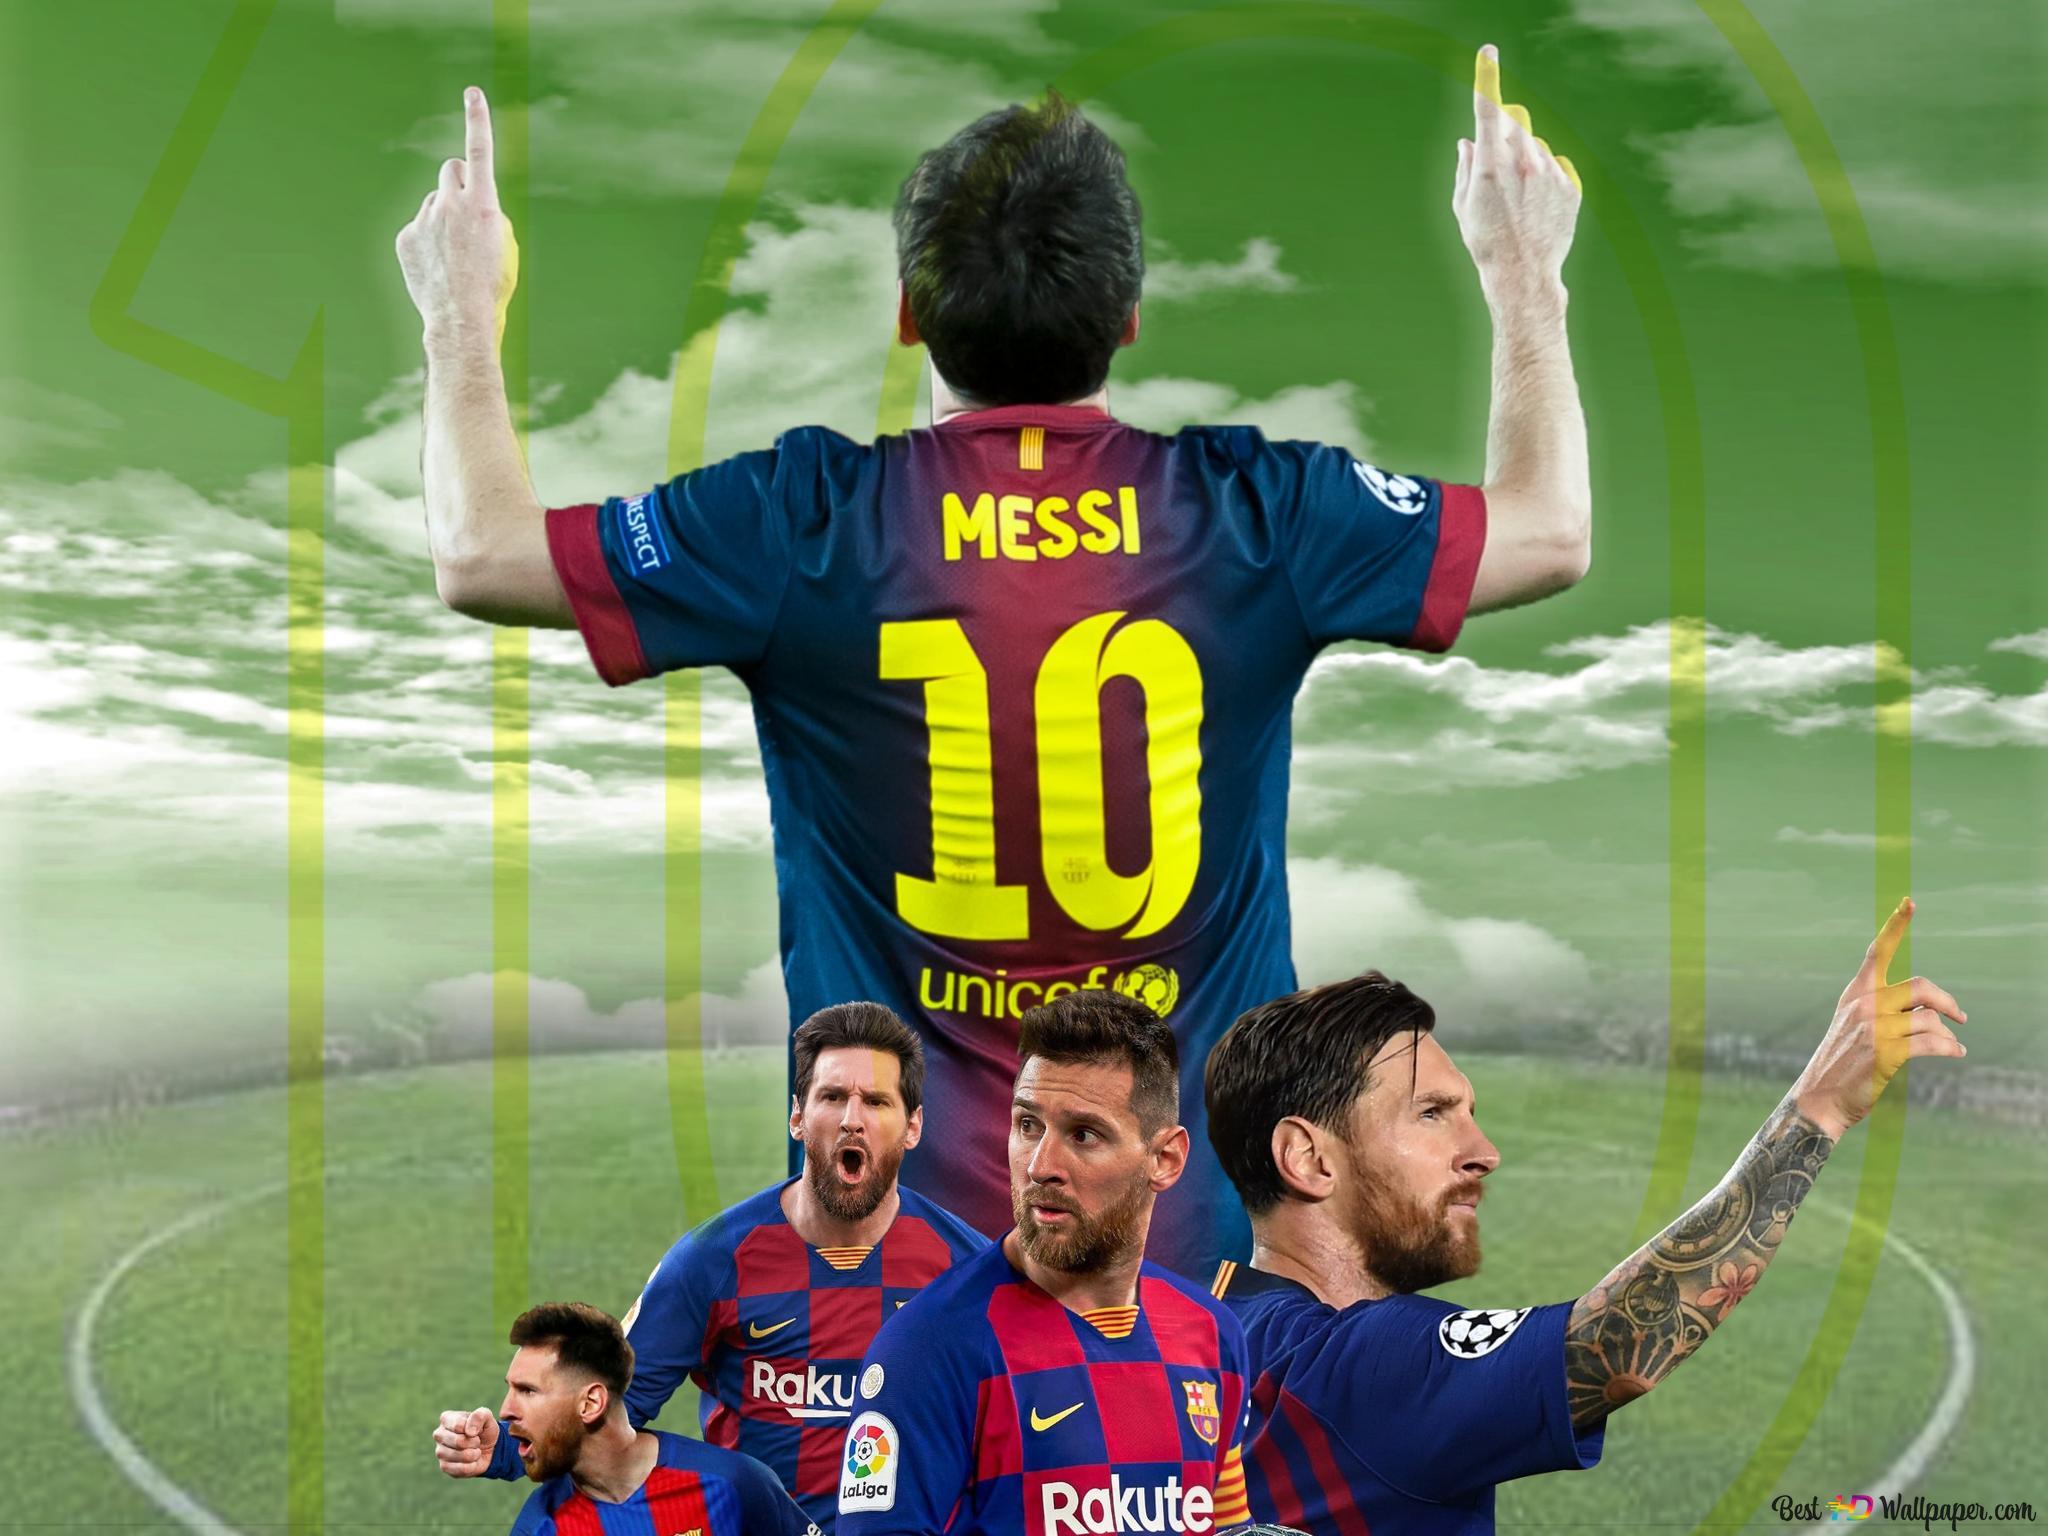 Meilleur Joueur Leo Messi Hd Fond D Ecran Telecharger